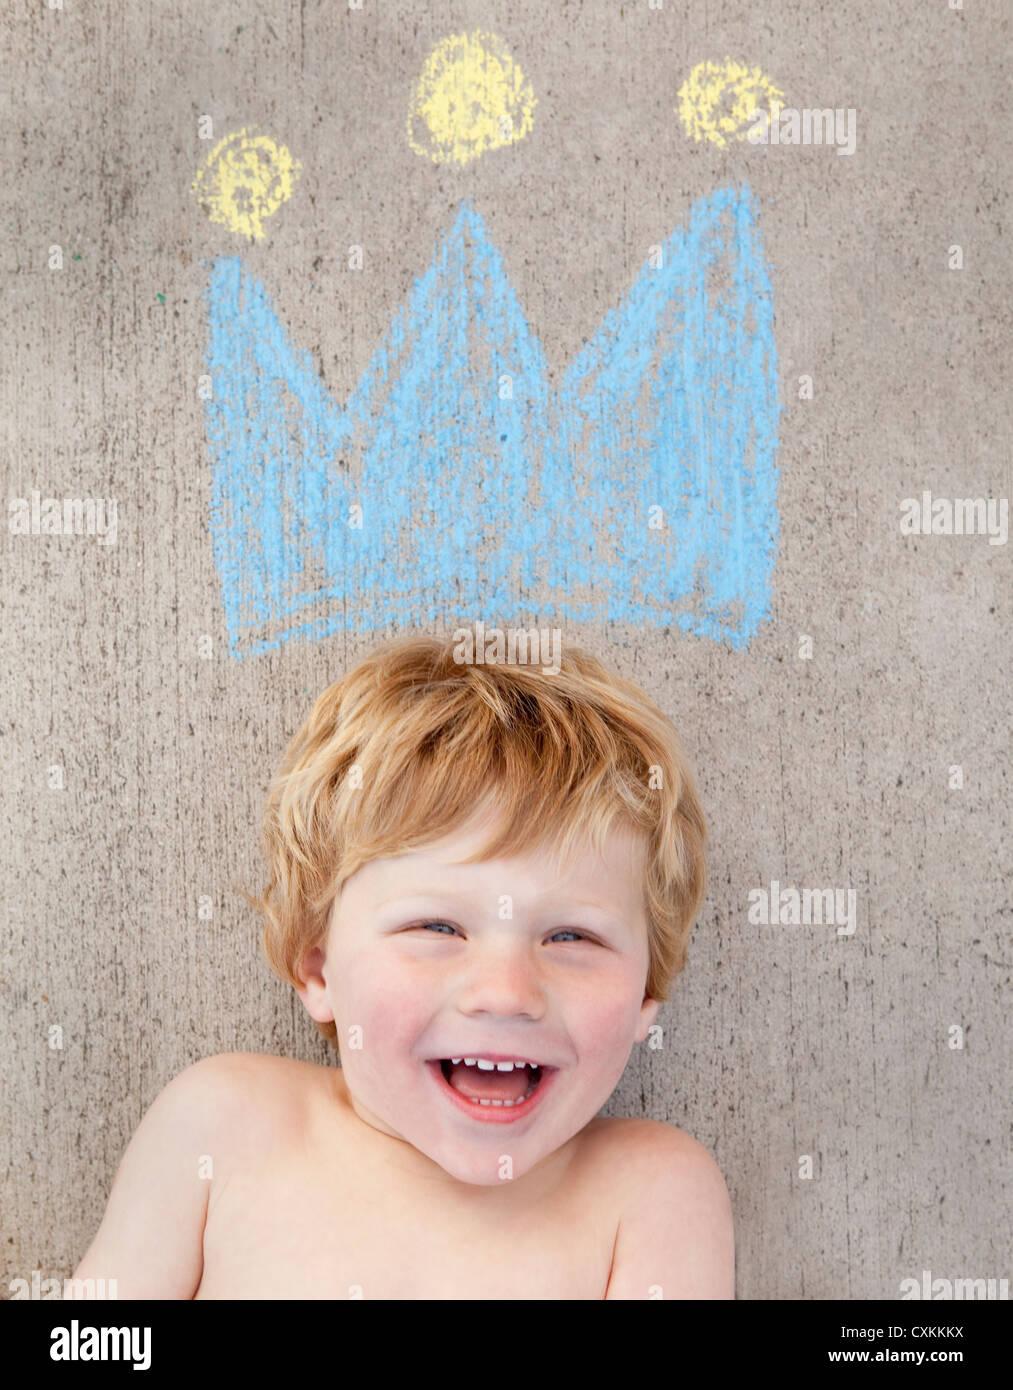 Jeune garçon avec de la craie appelée couronne Photo Stock